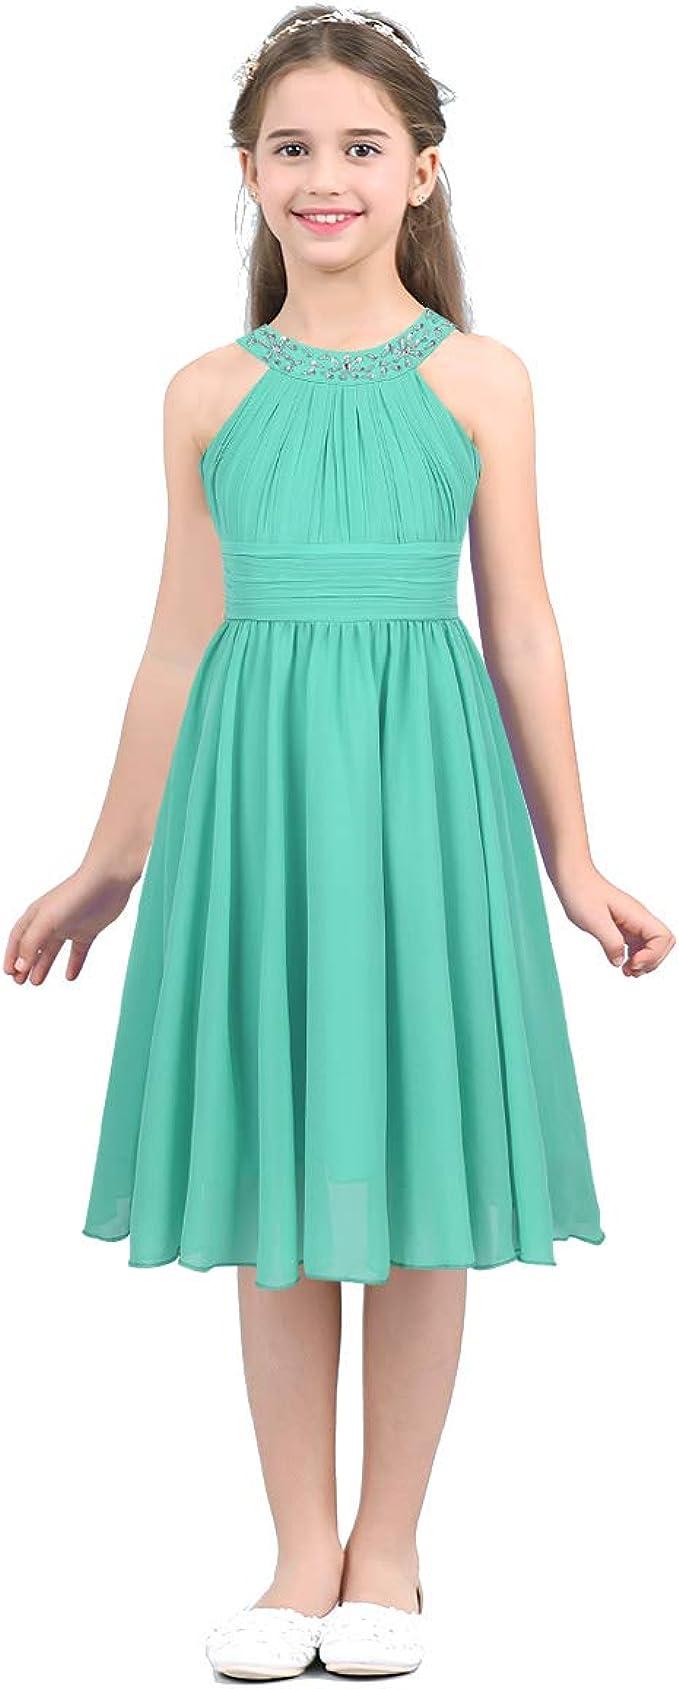 inhzoy Mädchen Kleider Festlich Hochzeit Brautjungfern-Kleider Sommerkleid  Kurz Partykleid Abendkleid Festkleid Knielang Gr. 17 17 17 17 17 17